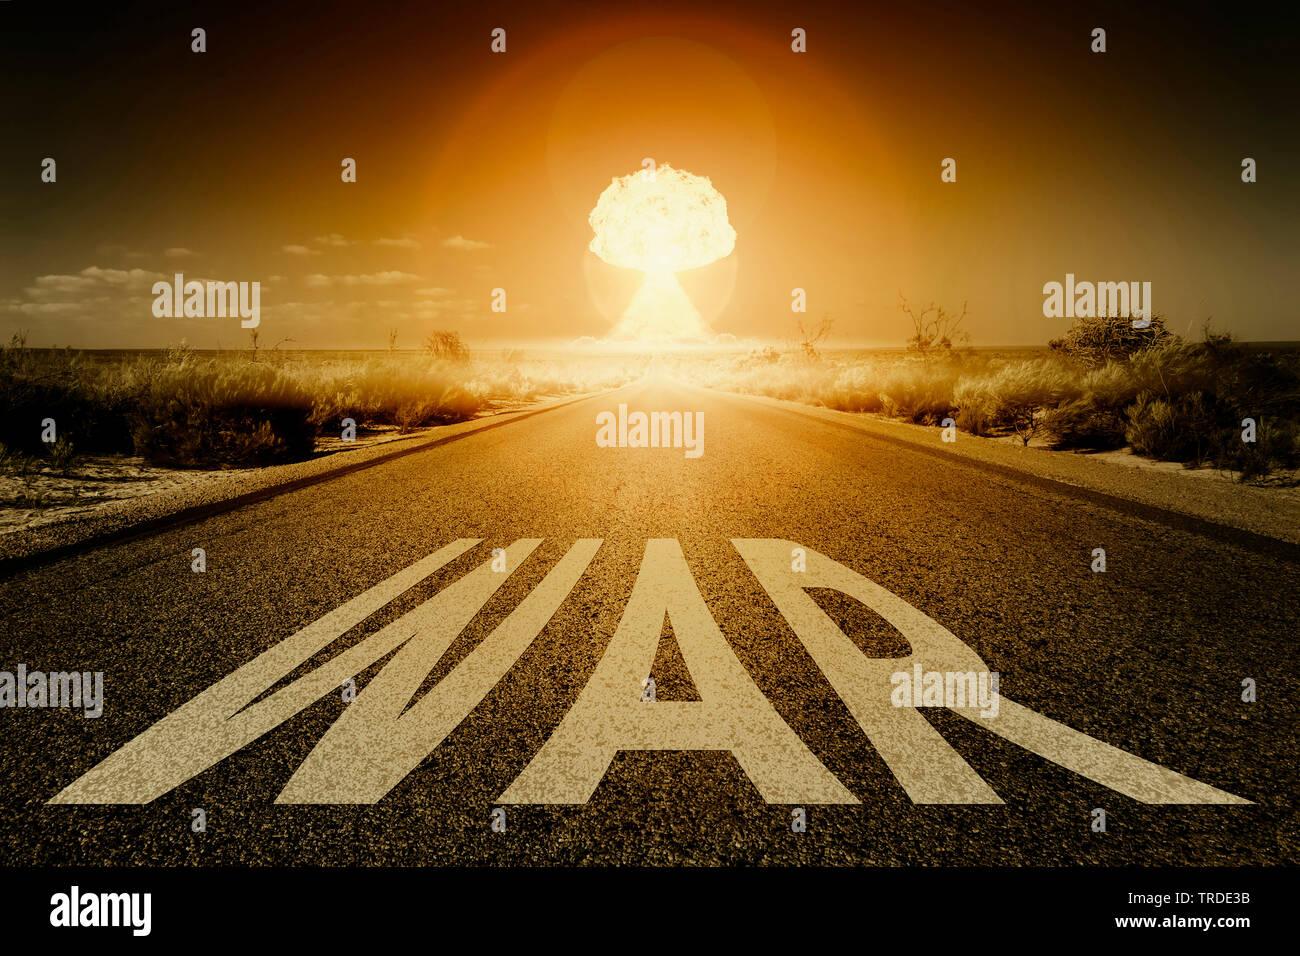 3D-Computergrafik, geradliniger Strassenabschnitt als Symbol fuer der Weg zum definiertem Ziel mit Aufschrift WAR (Krieg) | 3D computer graphic, strai - Stock Image